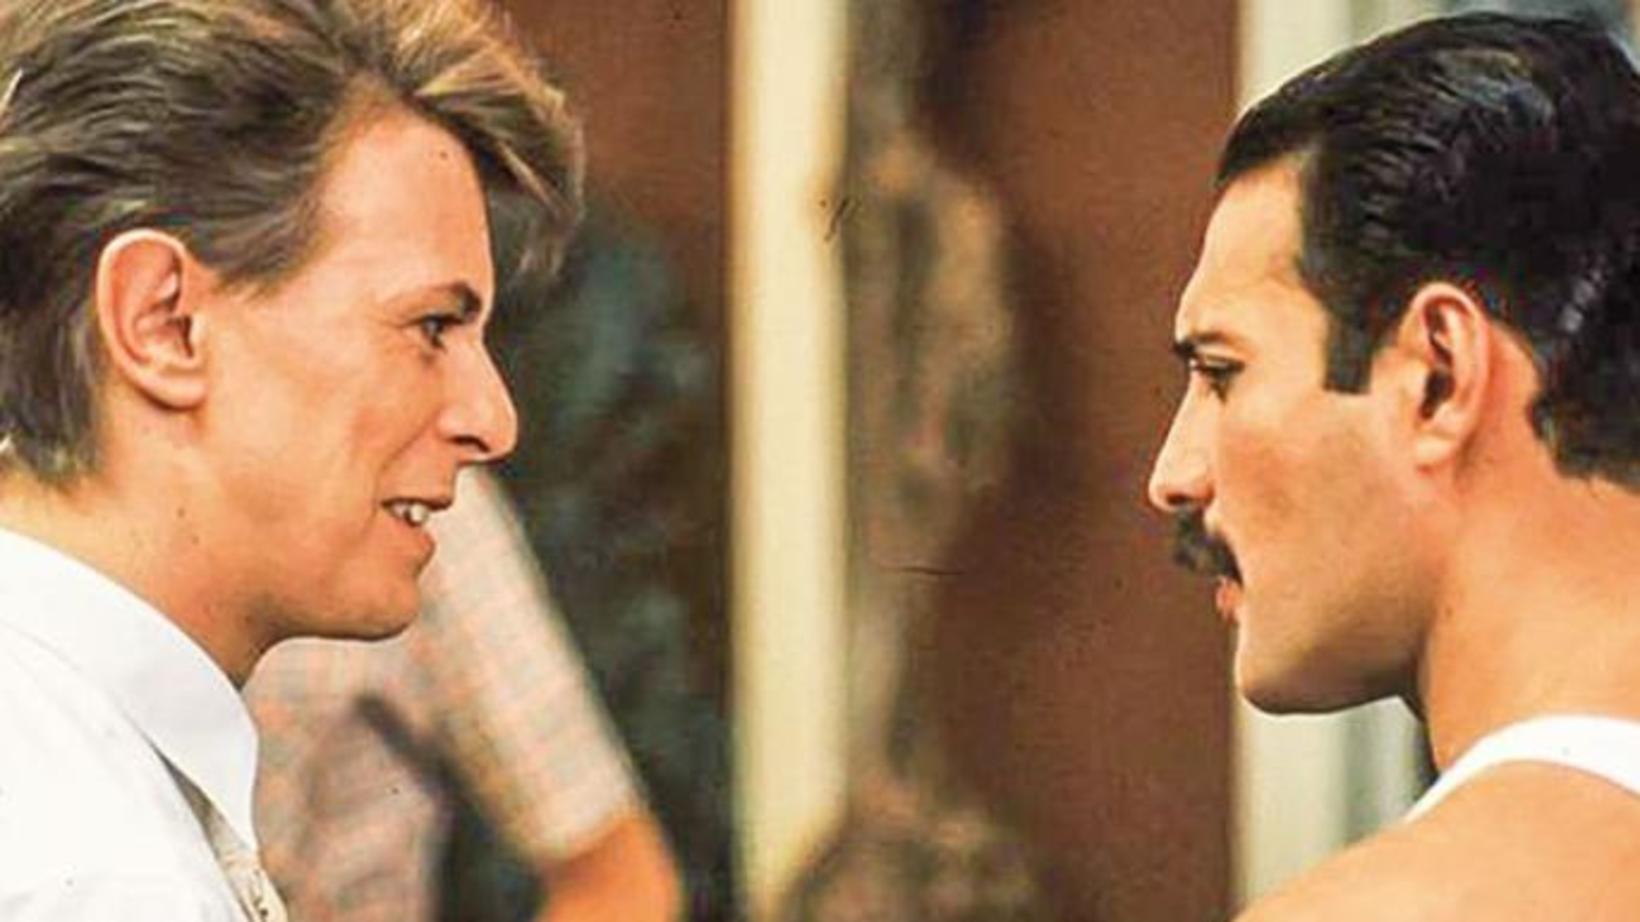 Verða David Bowie eða Freddie Mercury á toppnum?